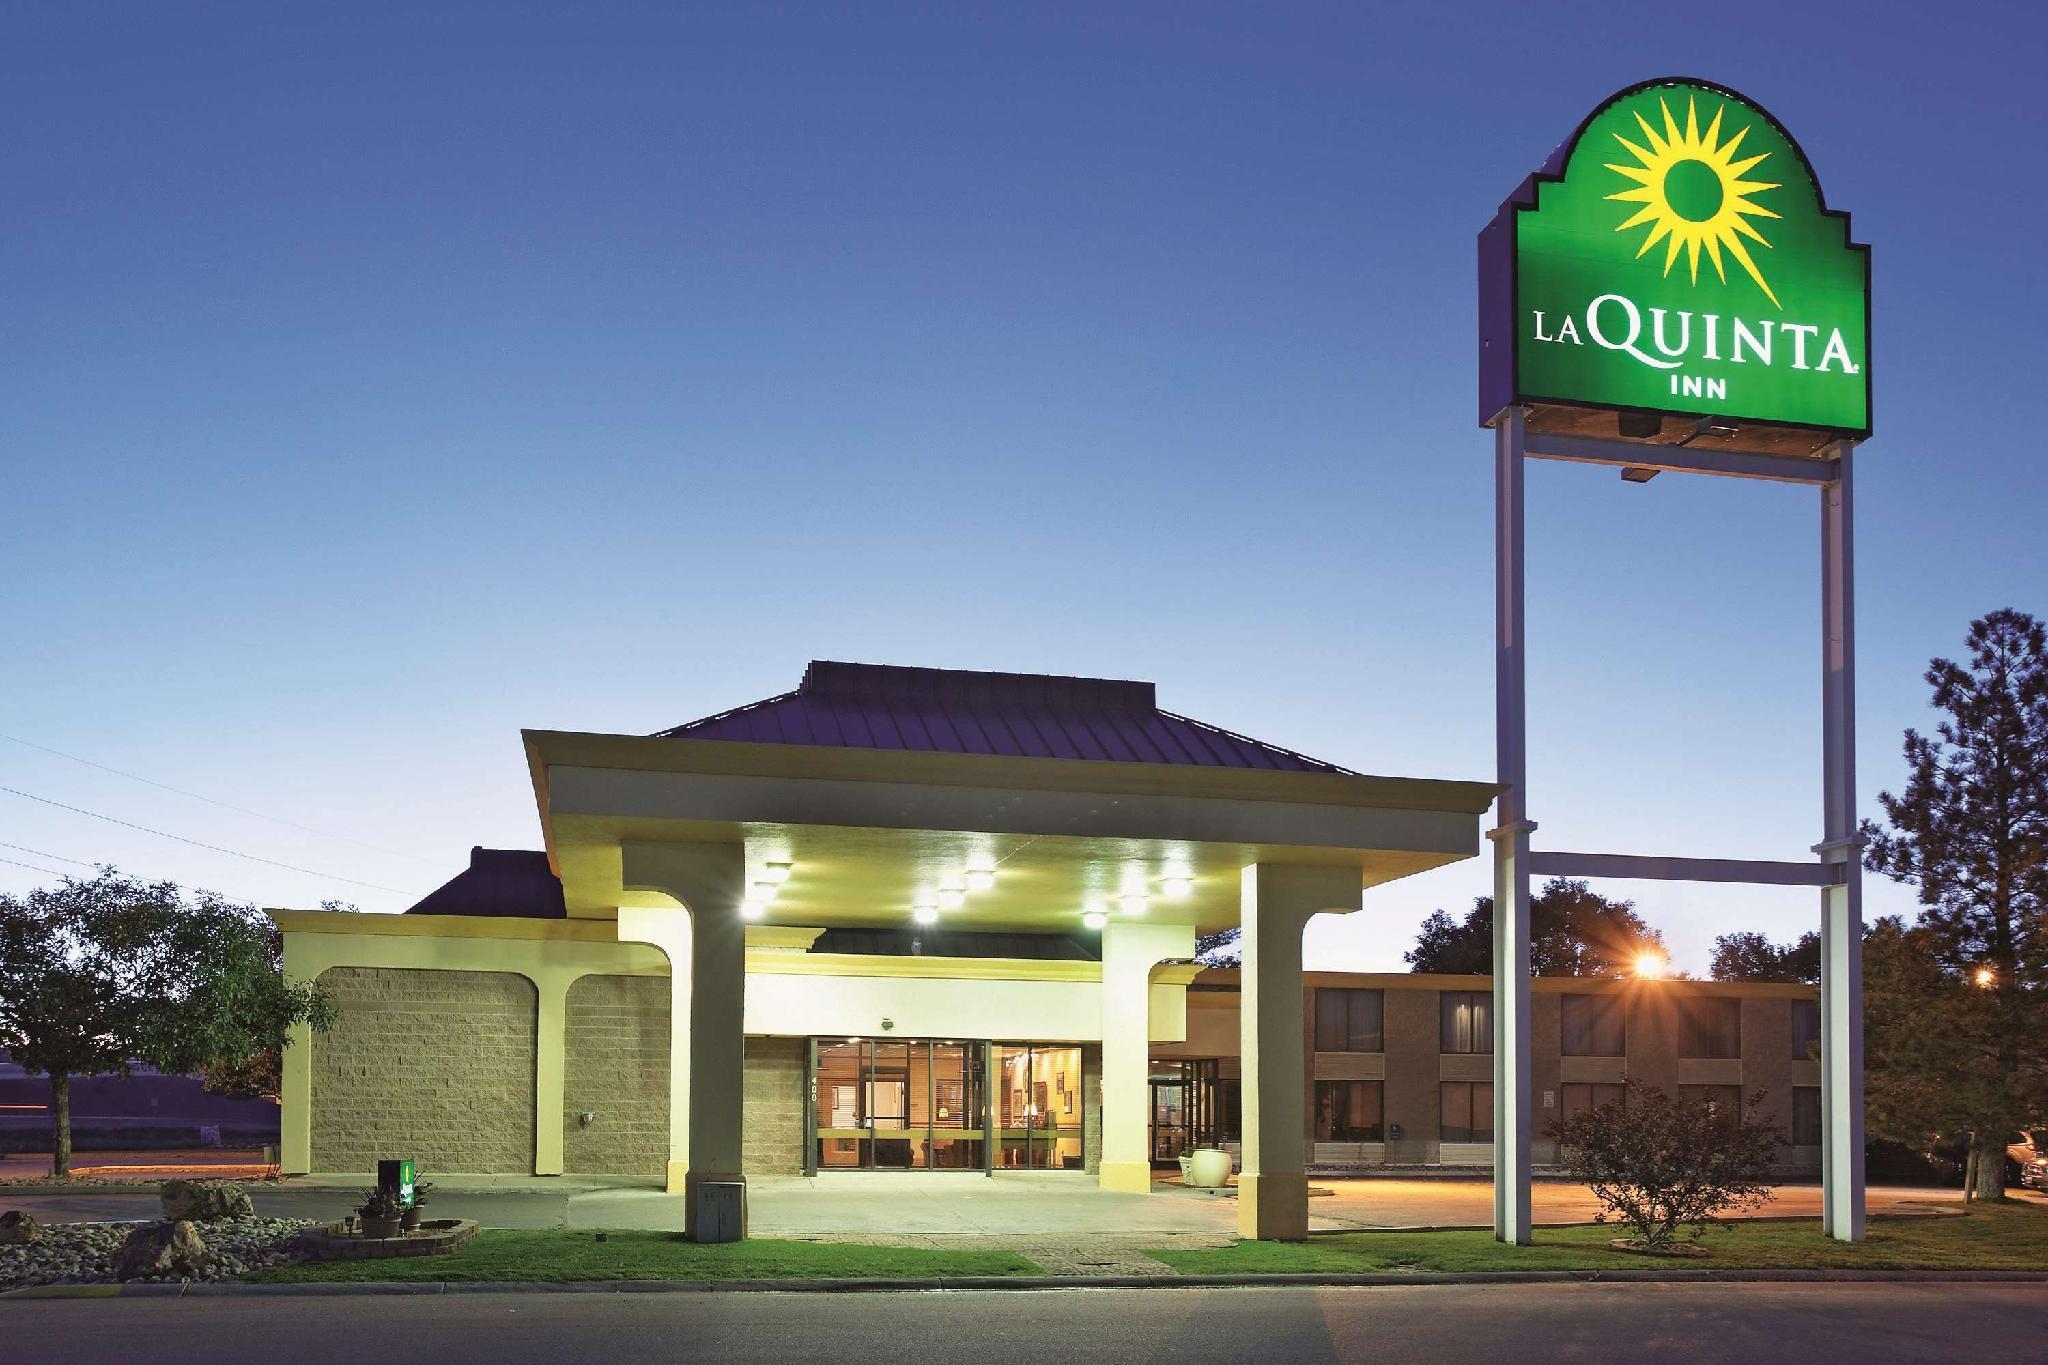 La Quinta Inn By Wyndham Casper